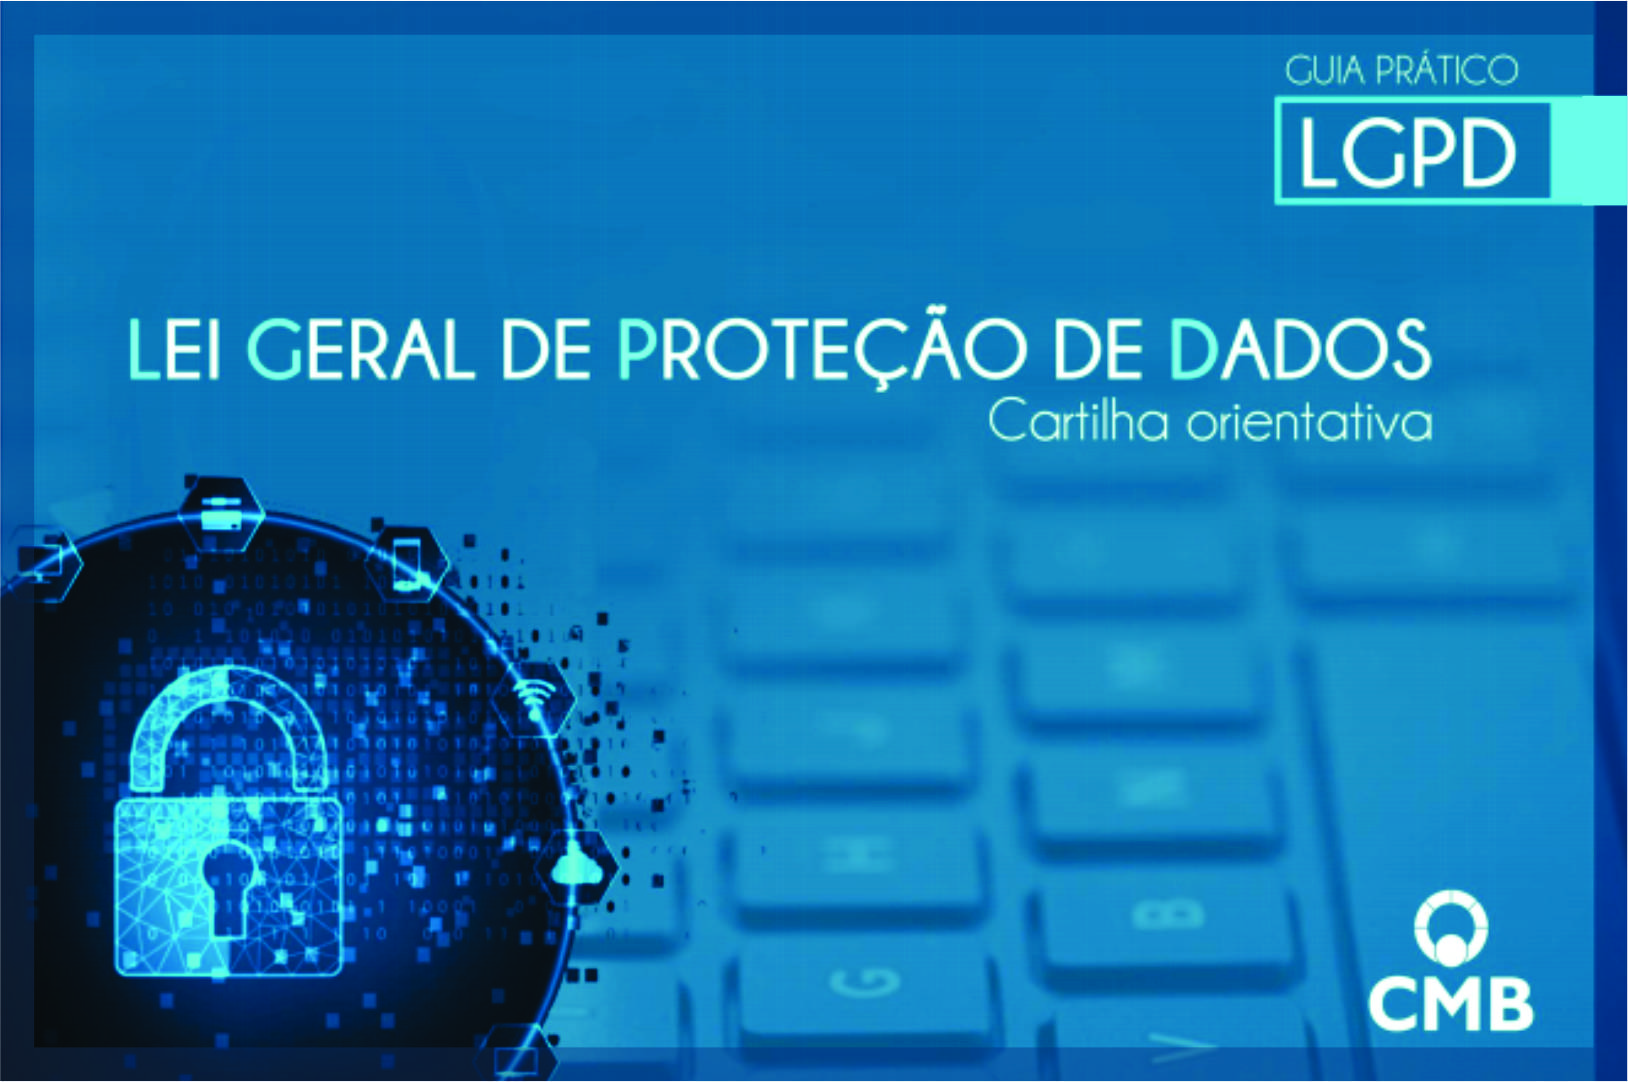 Guia Lei Geral de Proteção de Dados